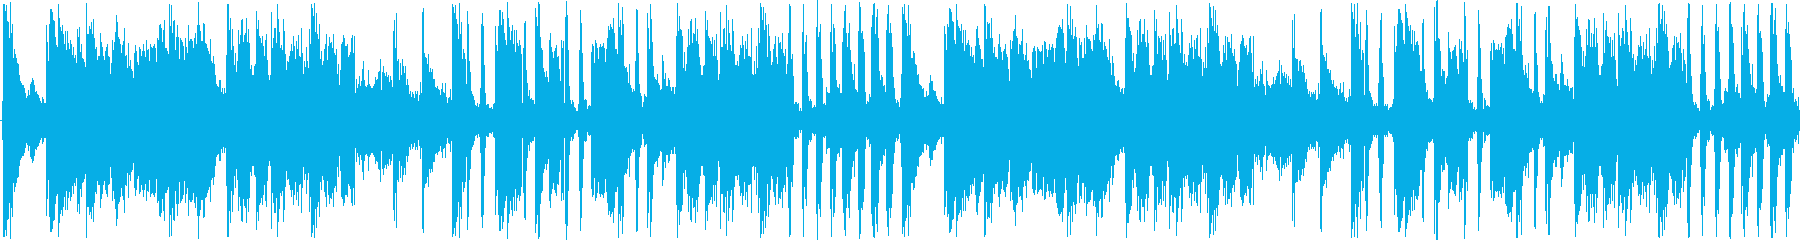 【ピアノ/JAZZ/エレクトロニカ】の再生済みの波形